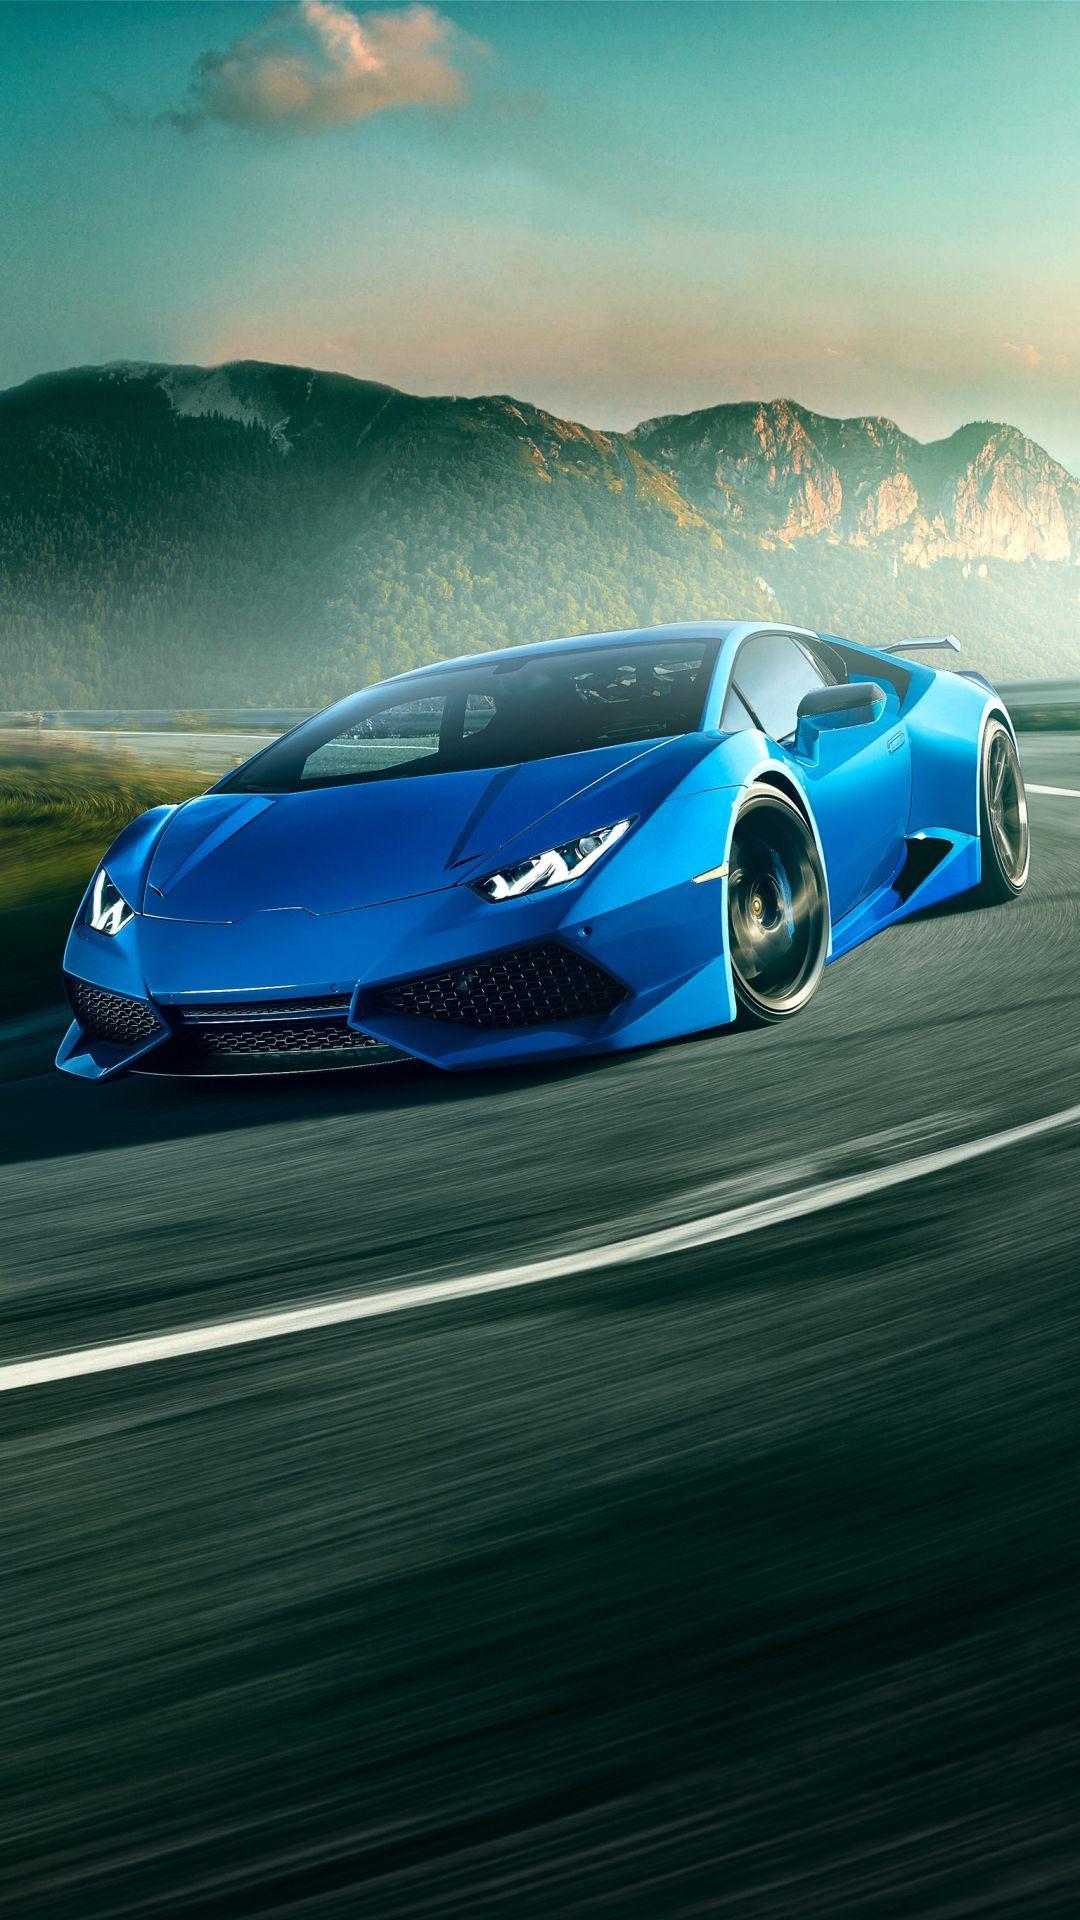 140 Blue Lamborghini ideas | blue lamborghini, lamborghini, super...